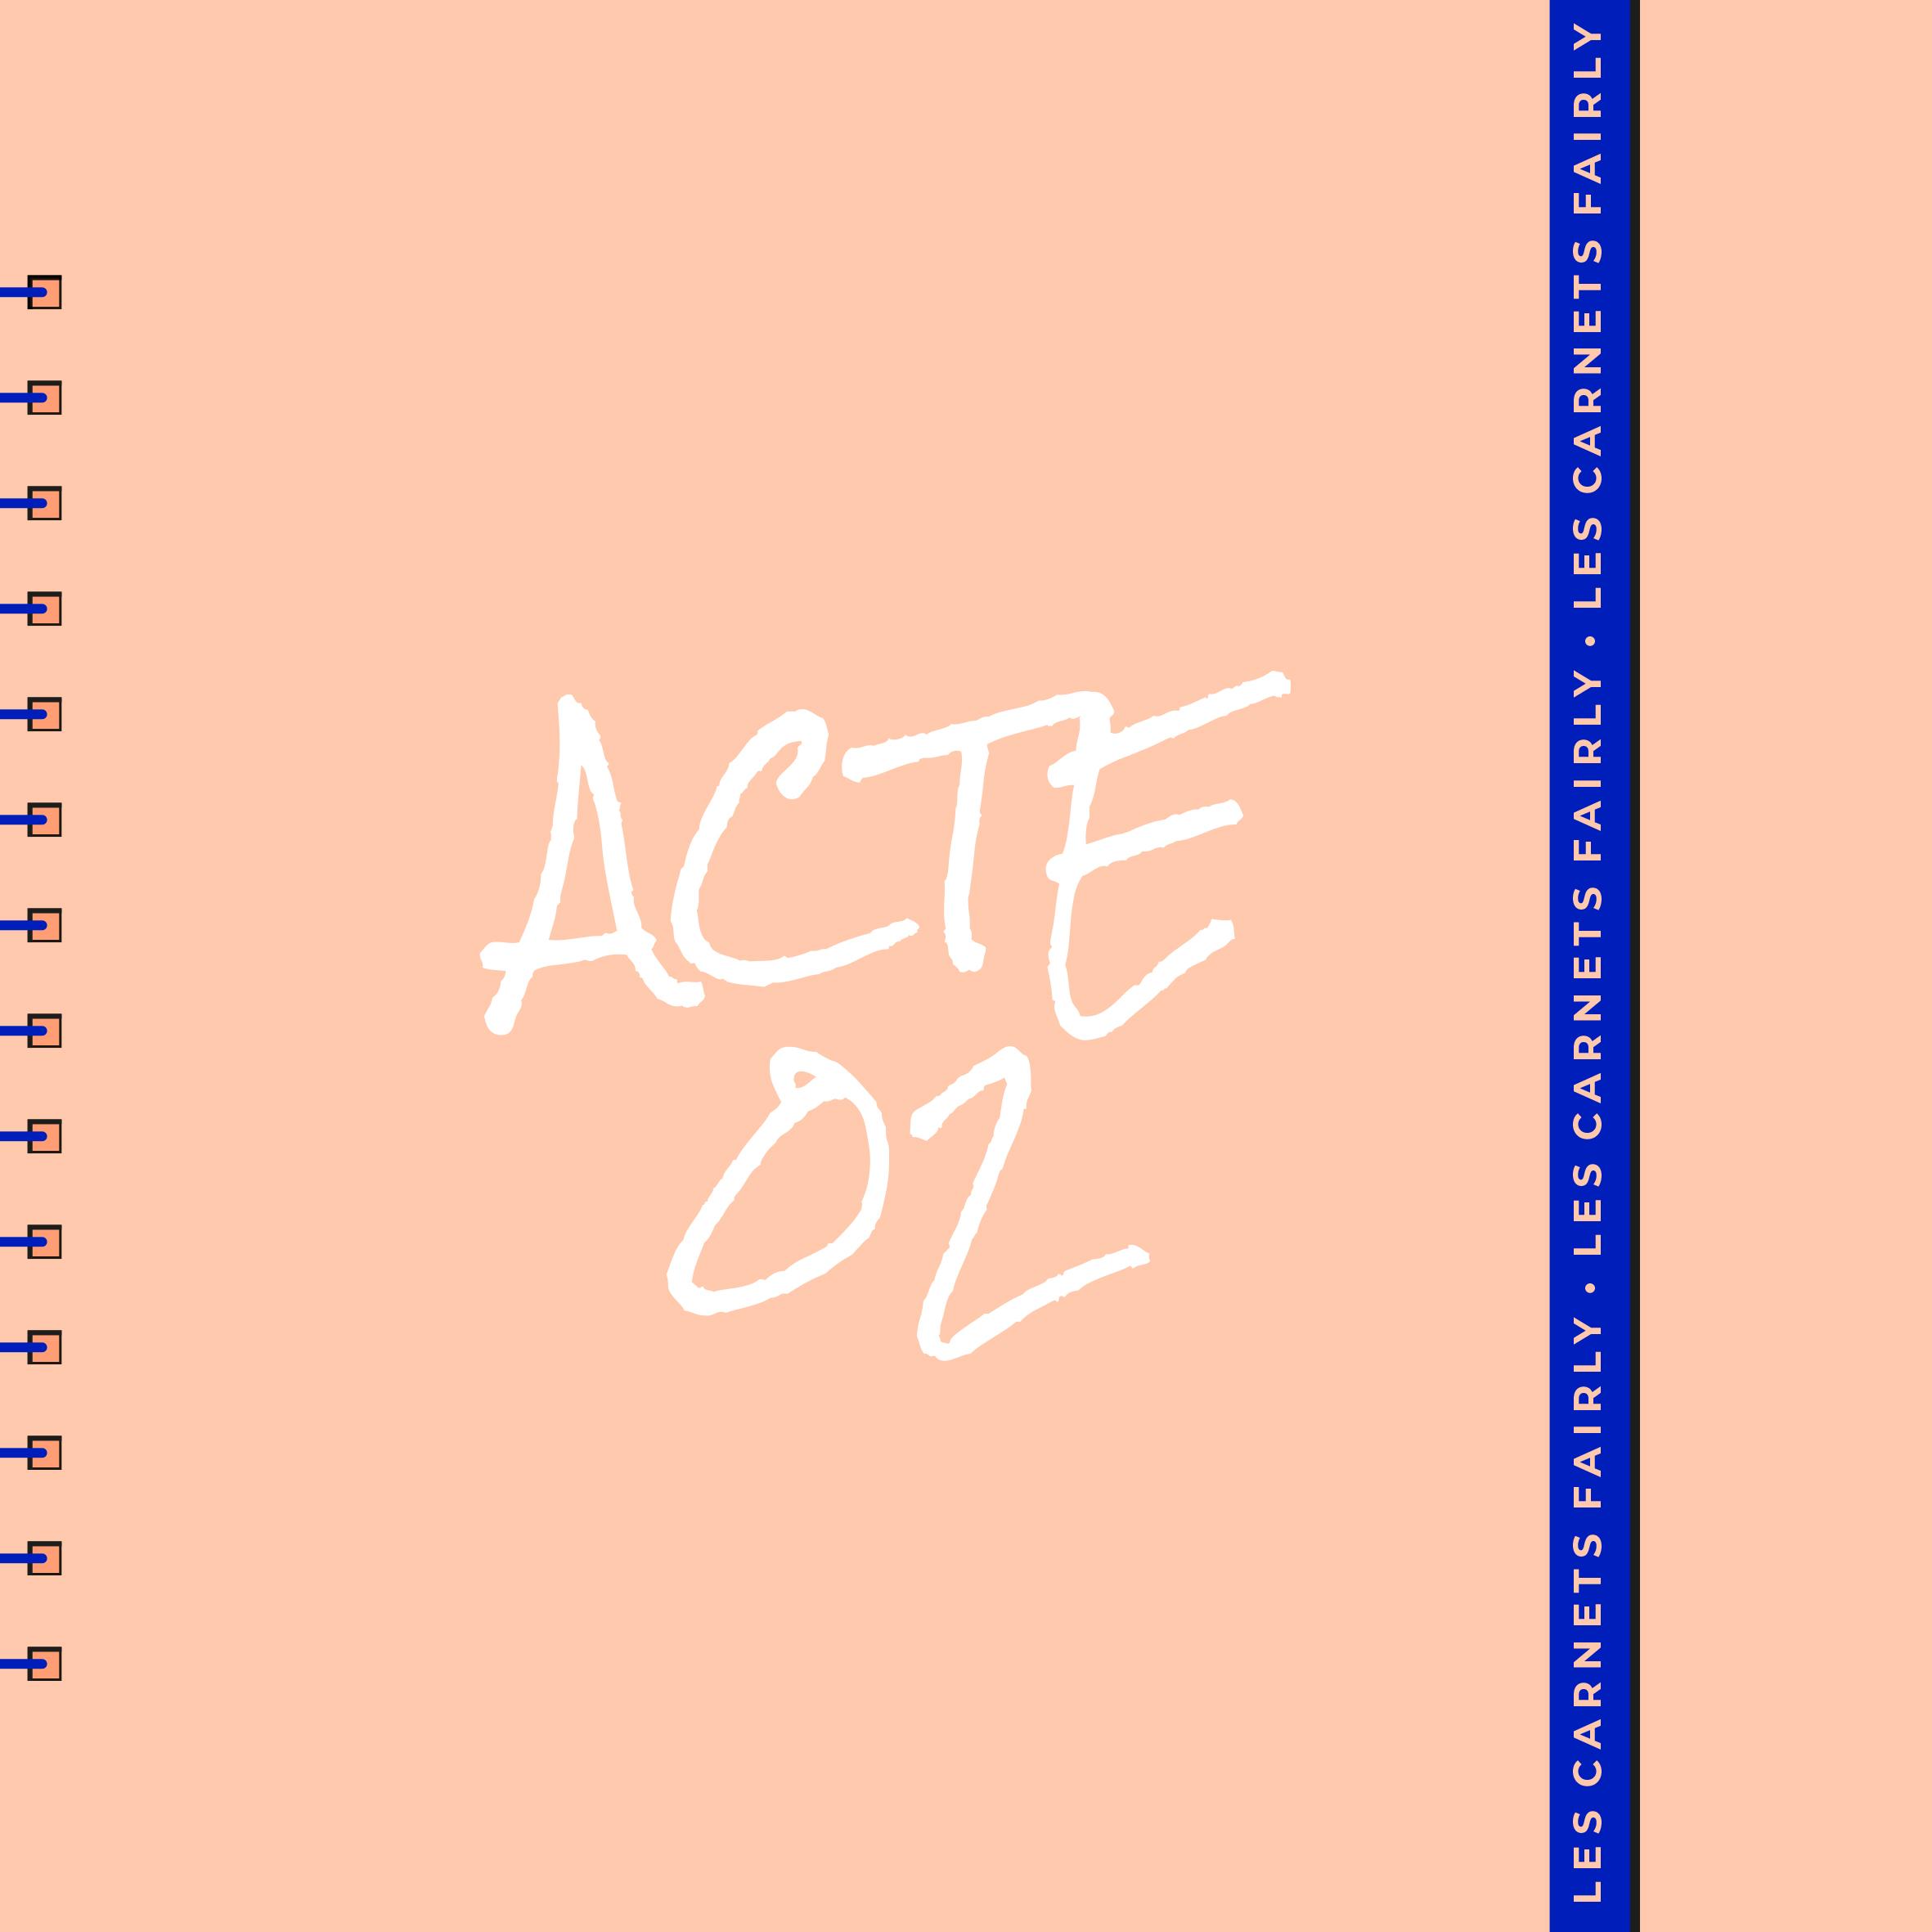 CARNETS-FAIRLY_ACTE02_le-rebond vignette